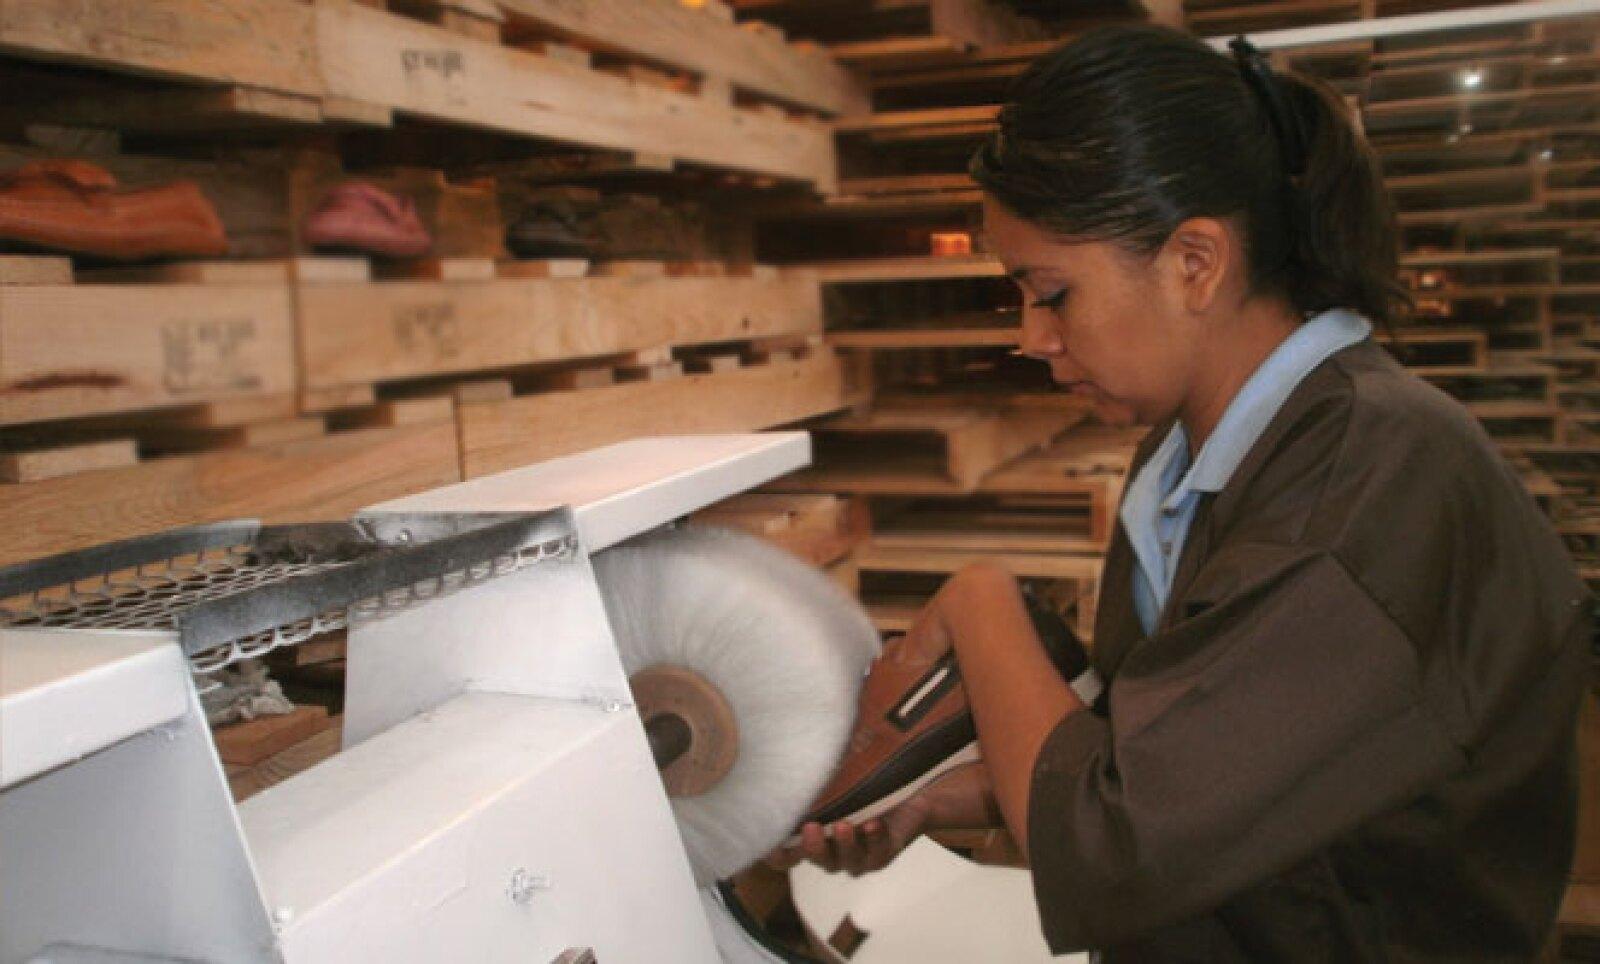 El año pasado, además se exportaron 15 millones de pares de zapatos; el principal consumidor es Estados Unidos, que compra alrededor del 85% del volumen total de exportación.